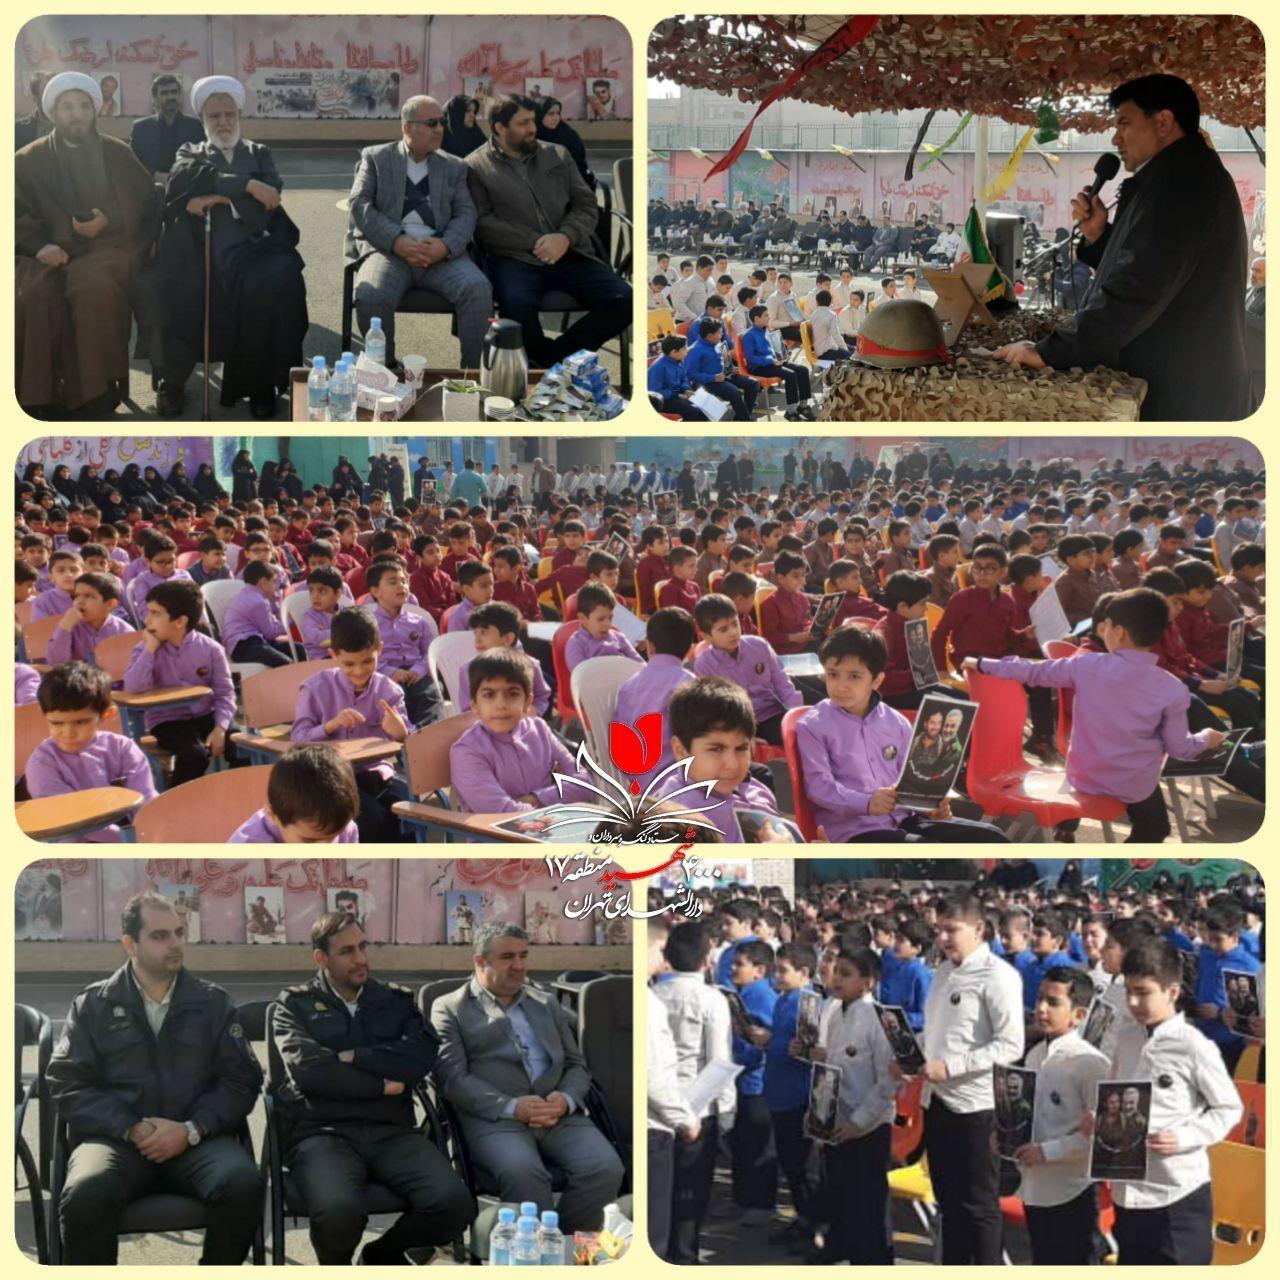 بیستمین کنگره شهدای معلم و دانشآموز منطقه 17 تهران افتتاح شد